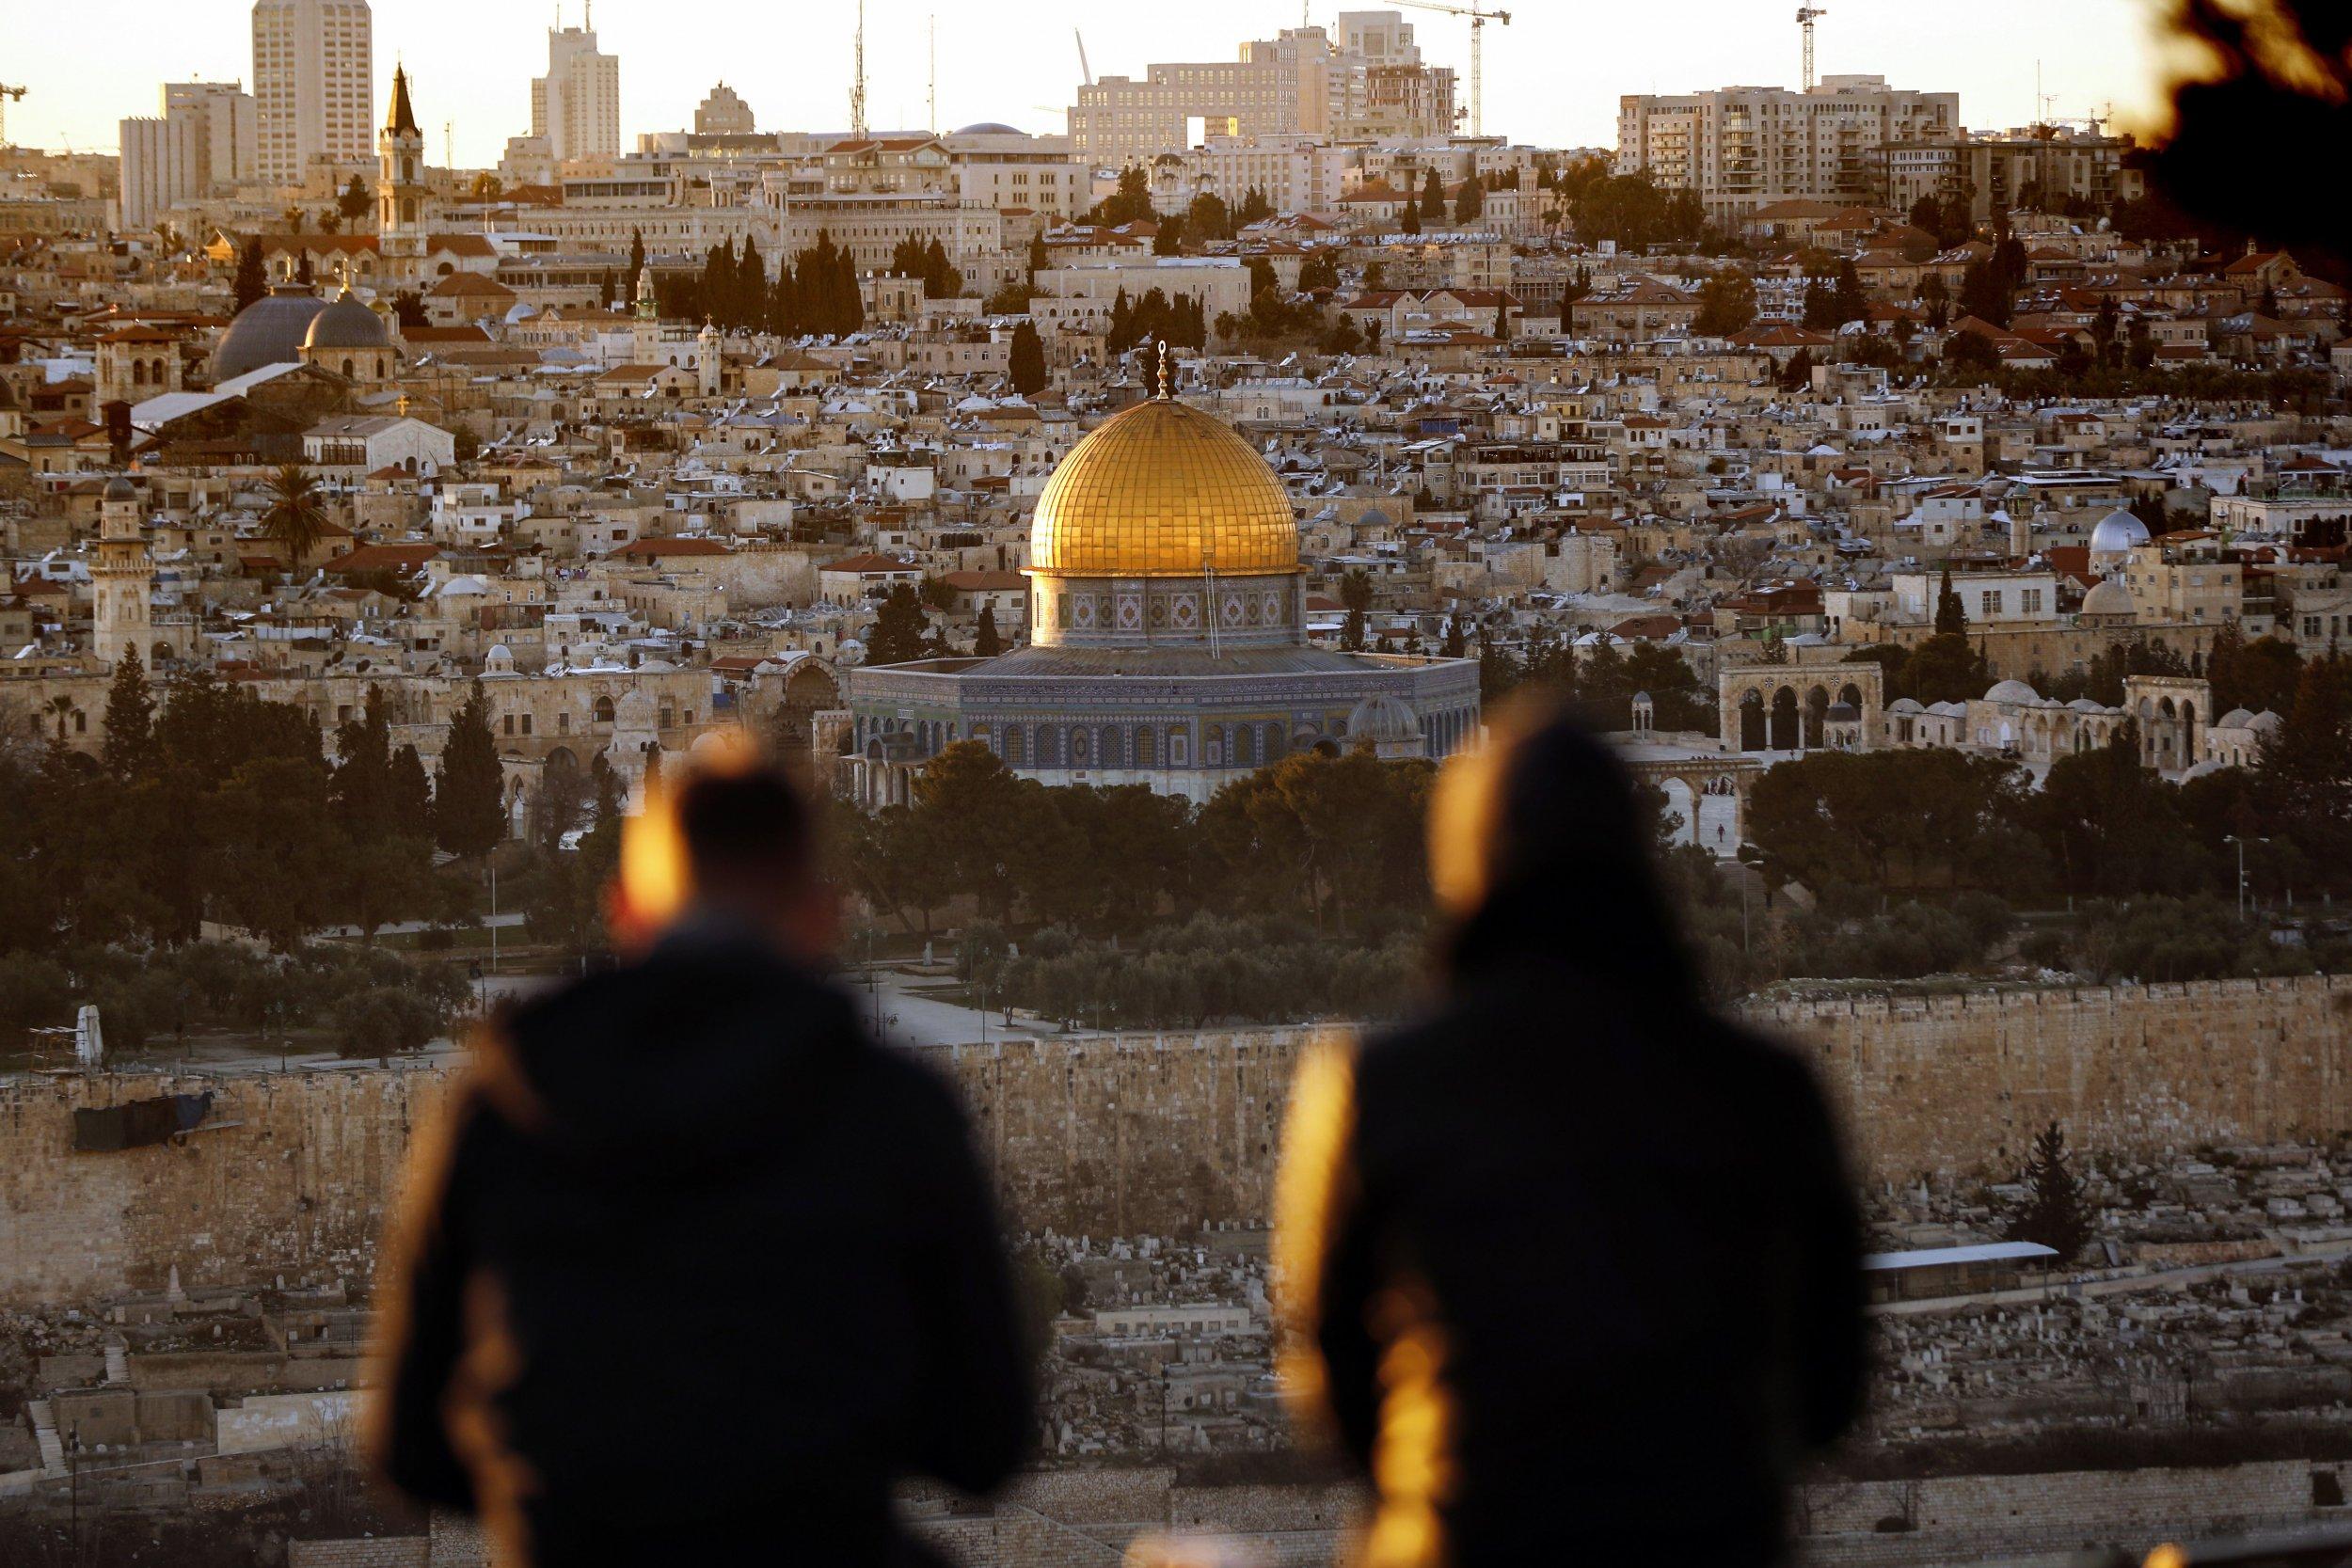 Jerusalem holy site